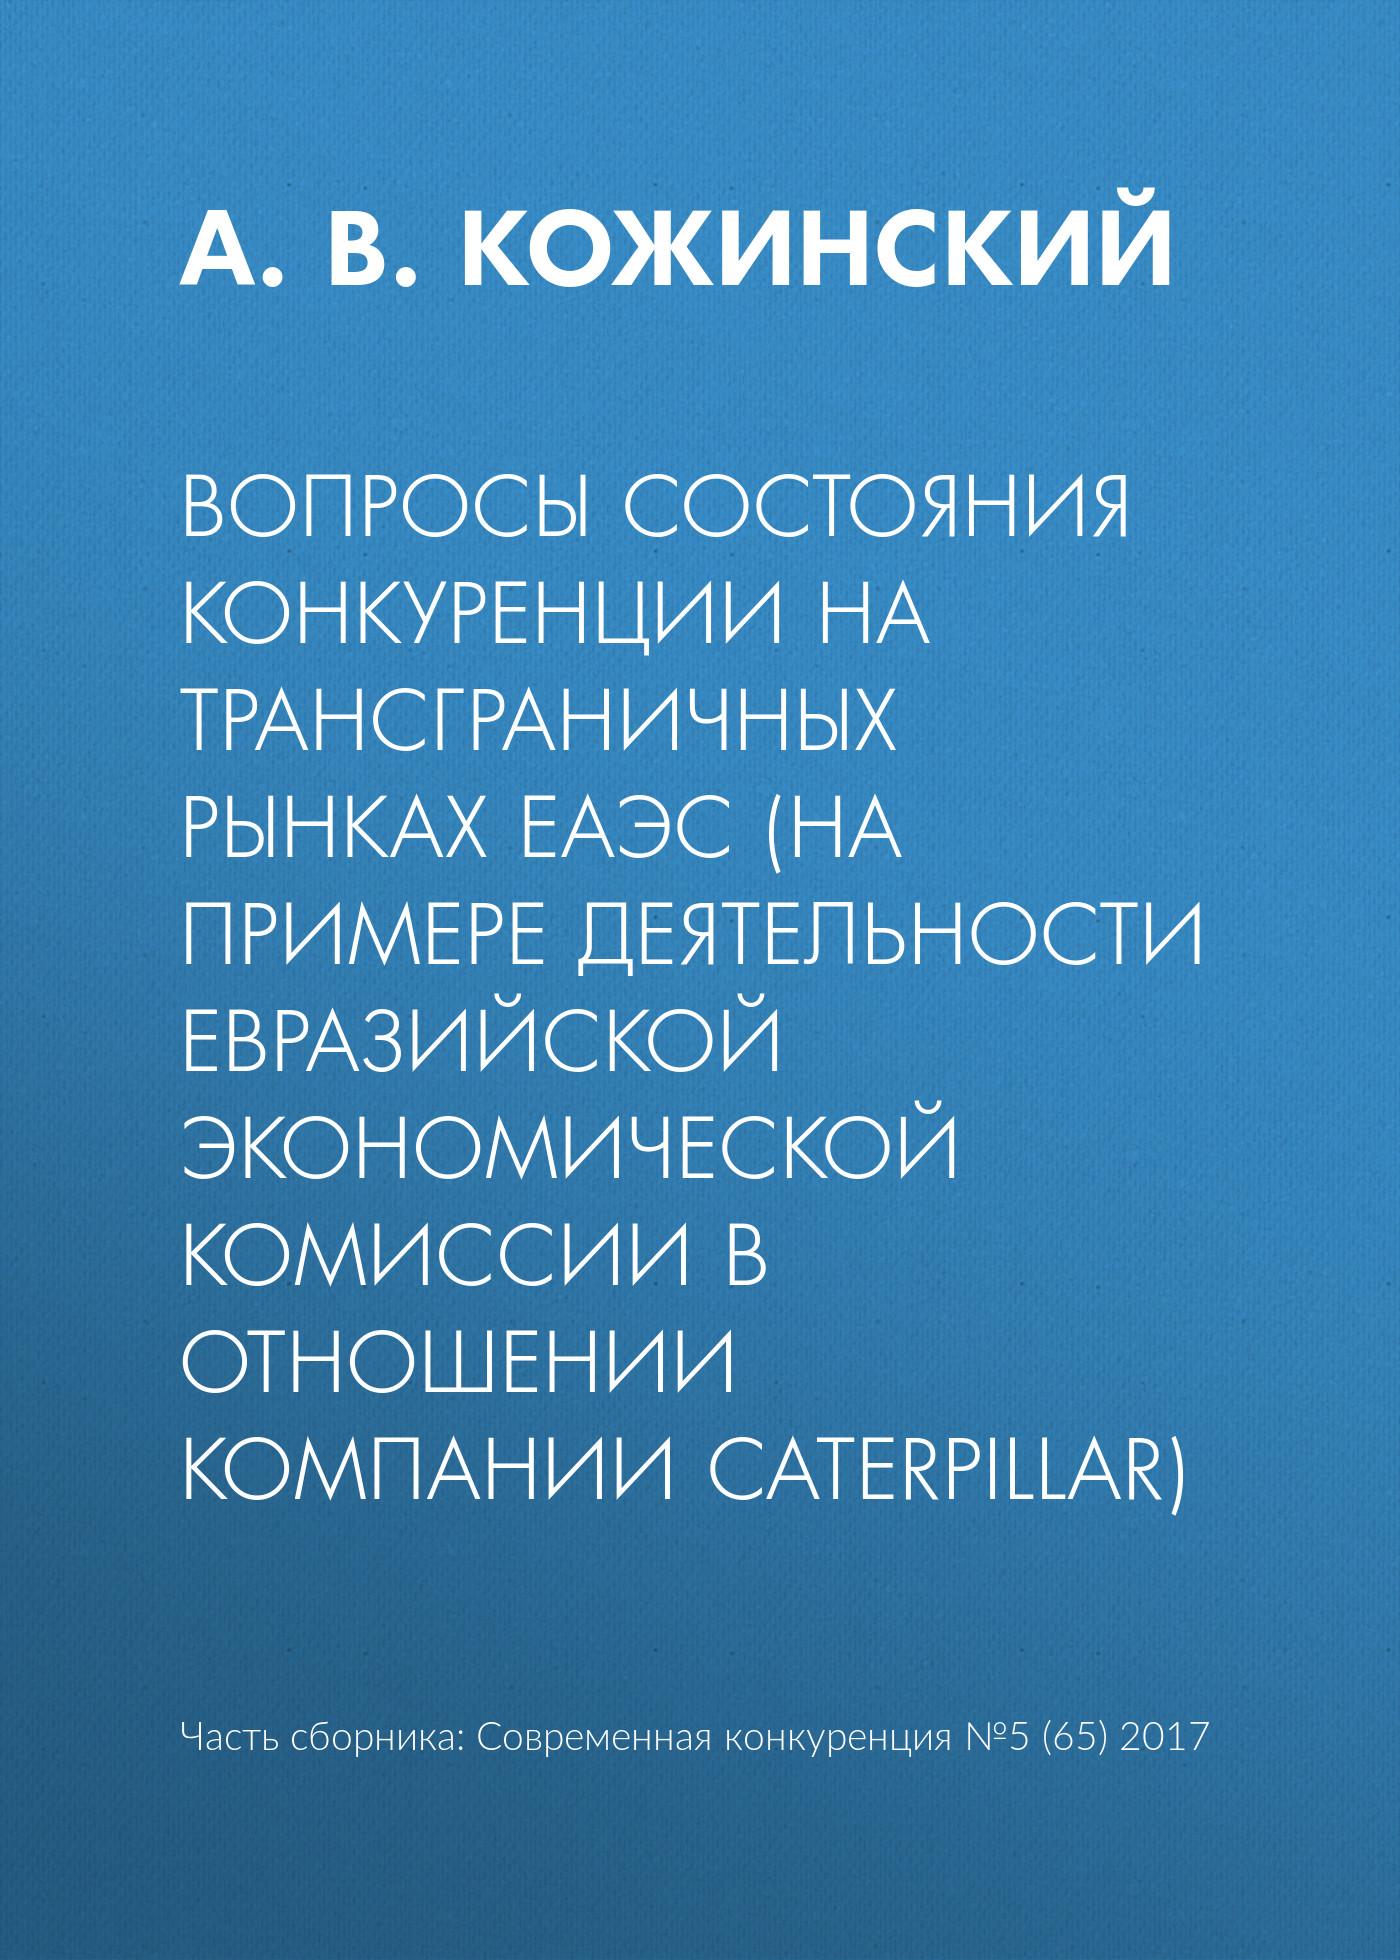 А. В. Кожинский Вопросы состояния конкуренции на трансграничных рынках ЕАЭС (на примере деятельности Евразийской экономической комиссии в отношении компании Caterpillar)